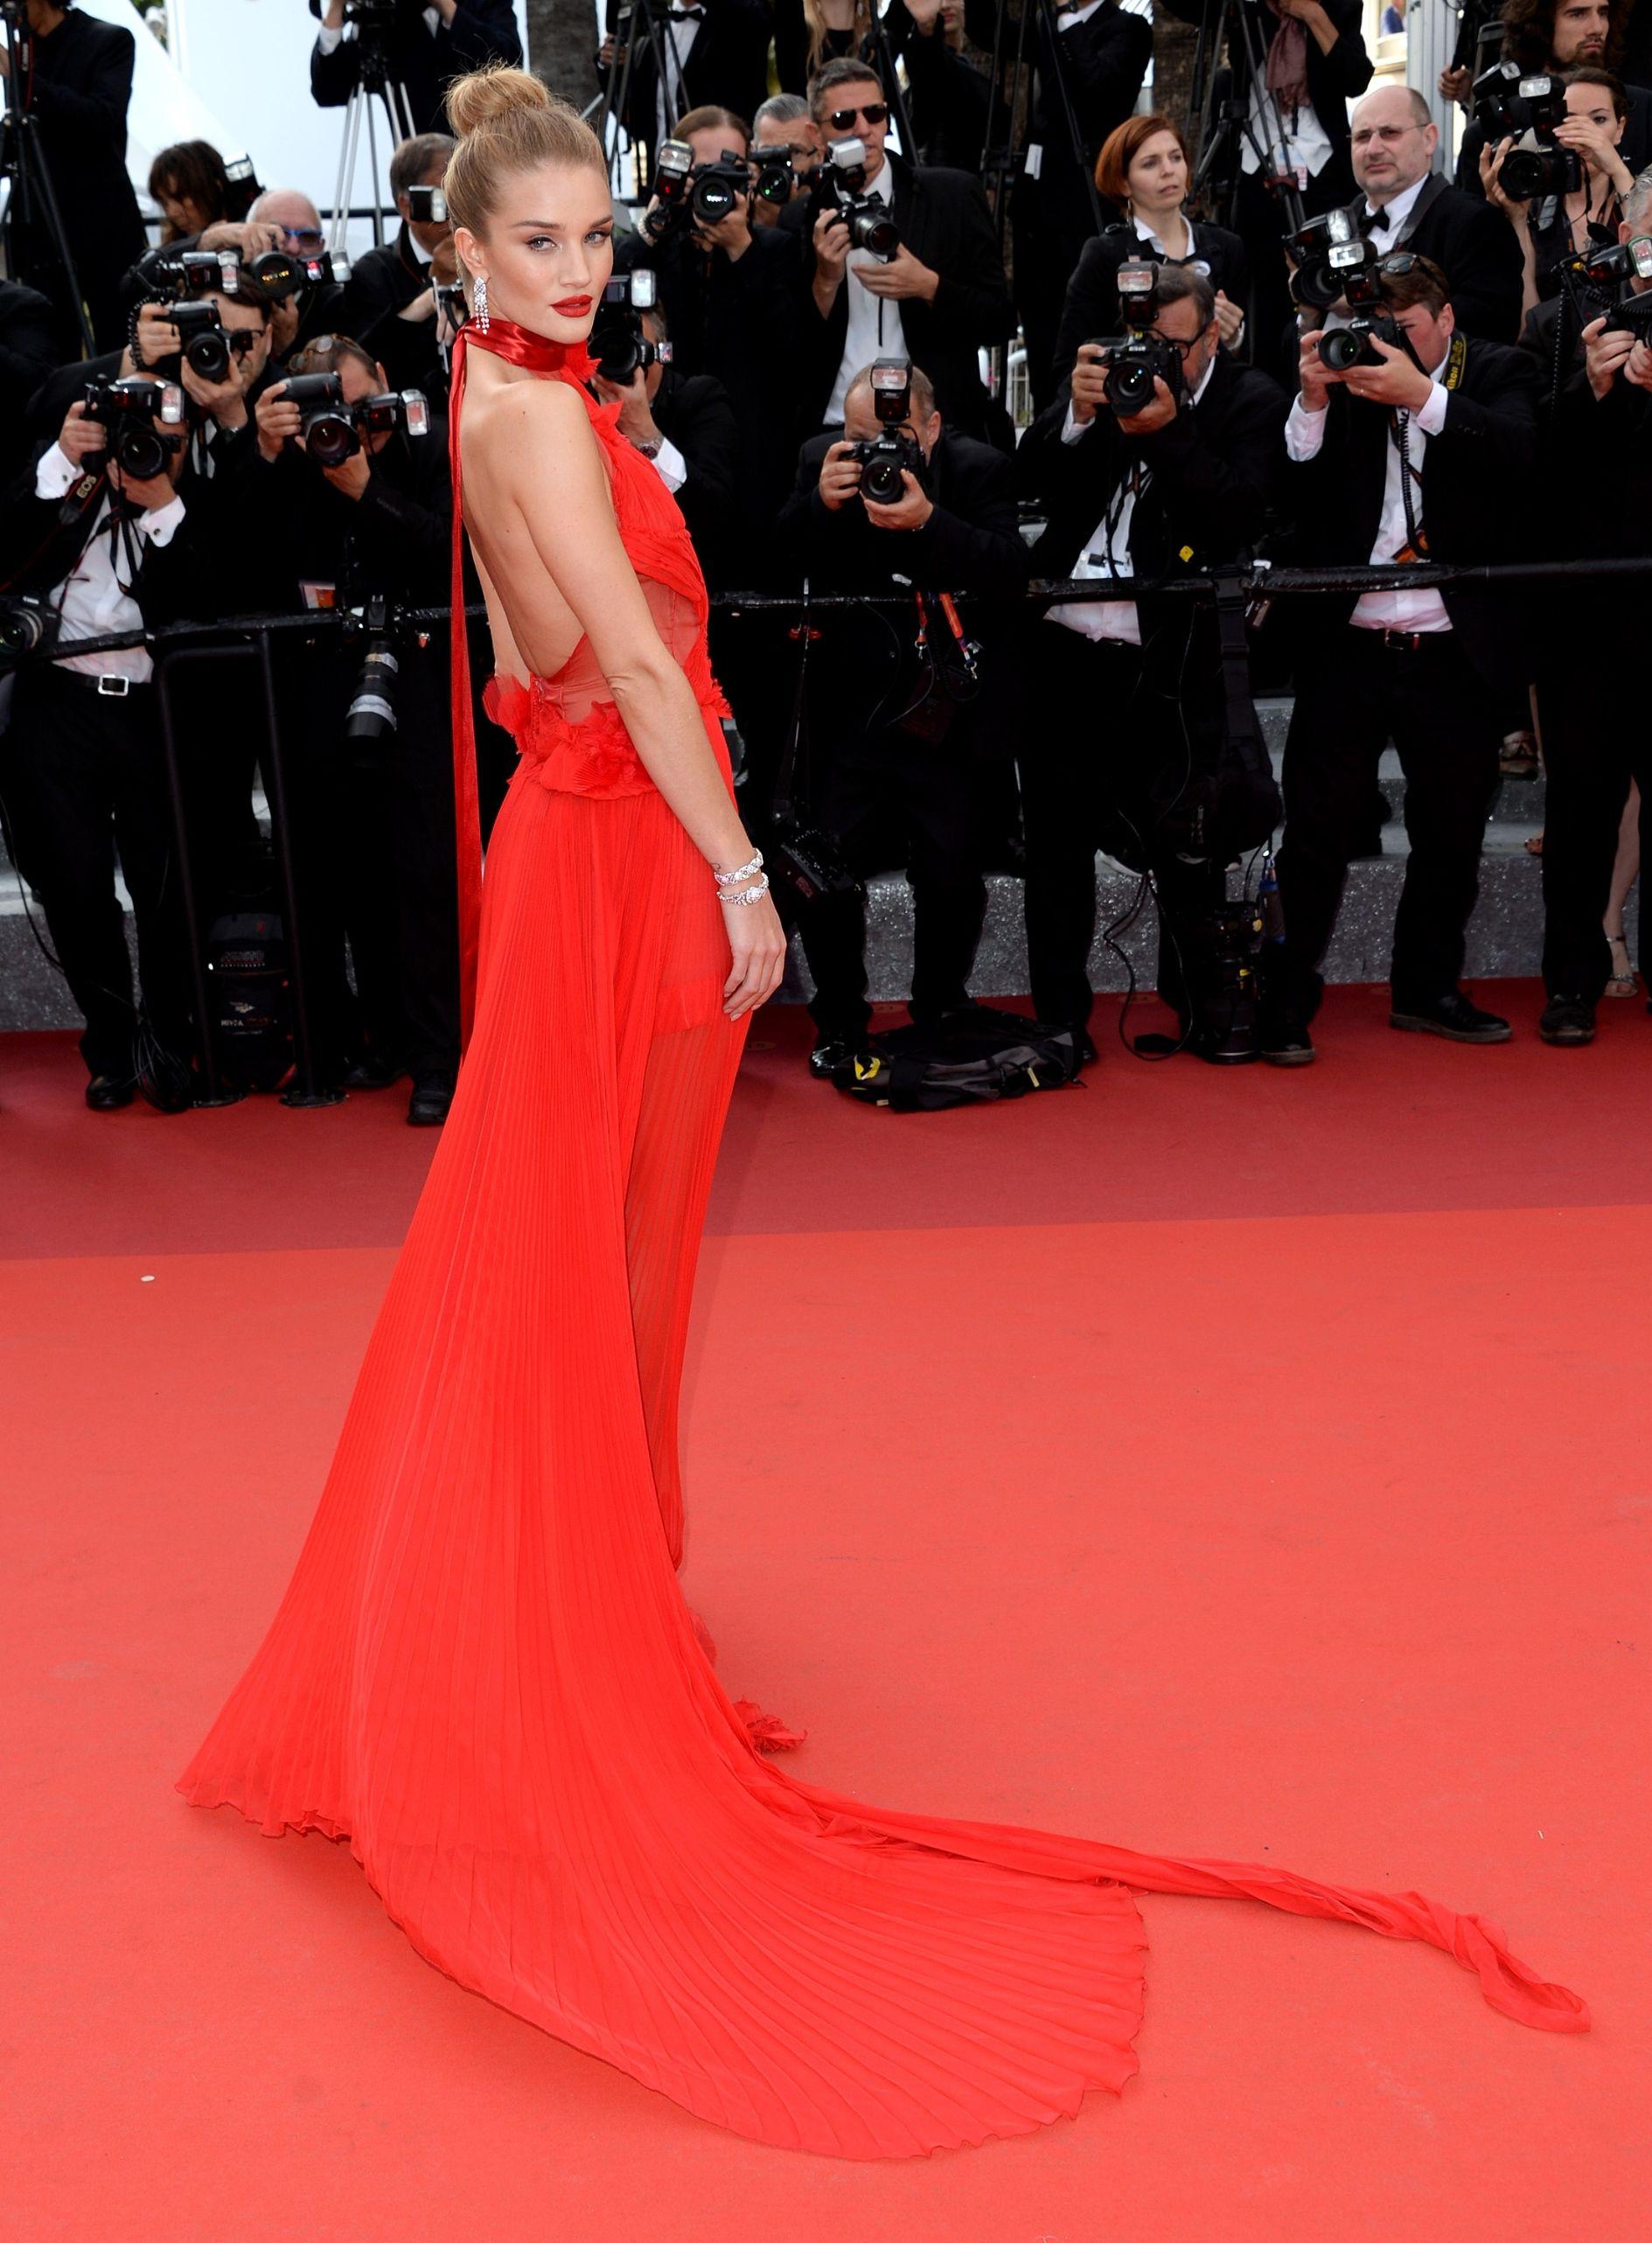 Đây chính là 16 bộ xiêm y đẹp không thể quên trong lịch sử thảm đỏ LHP Cannes - Ảnh 8.